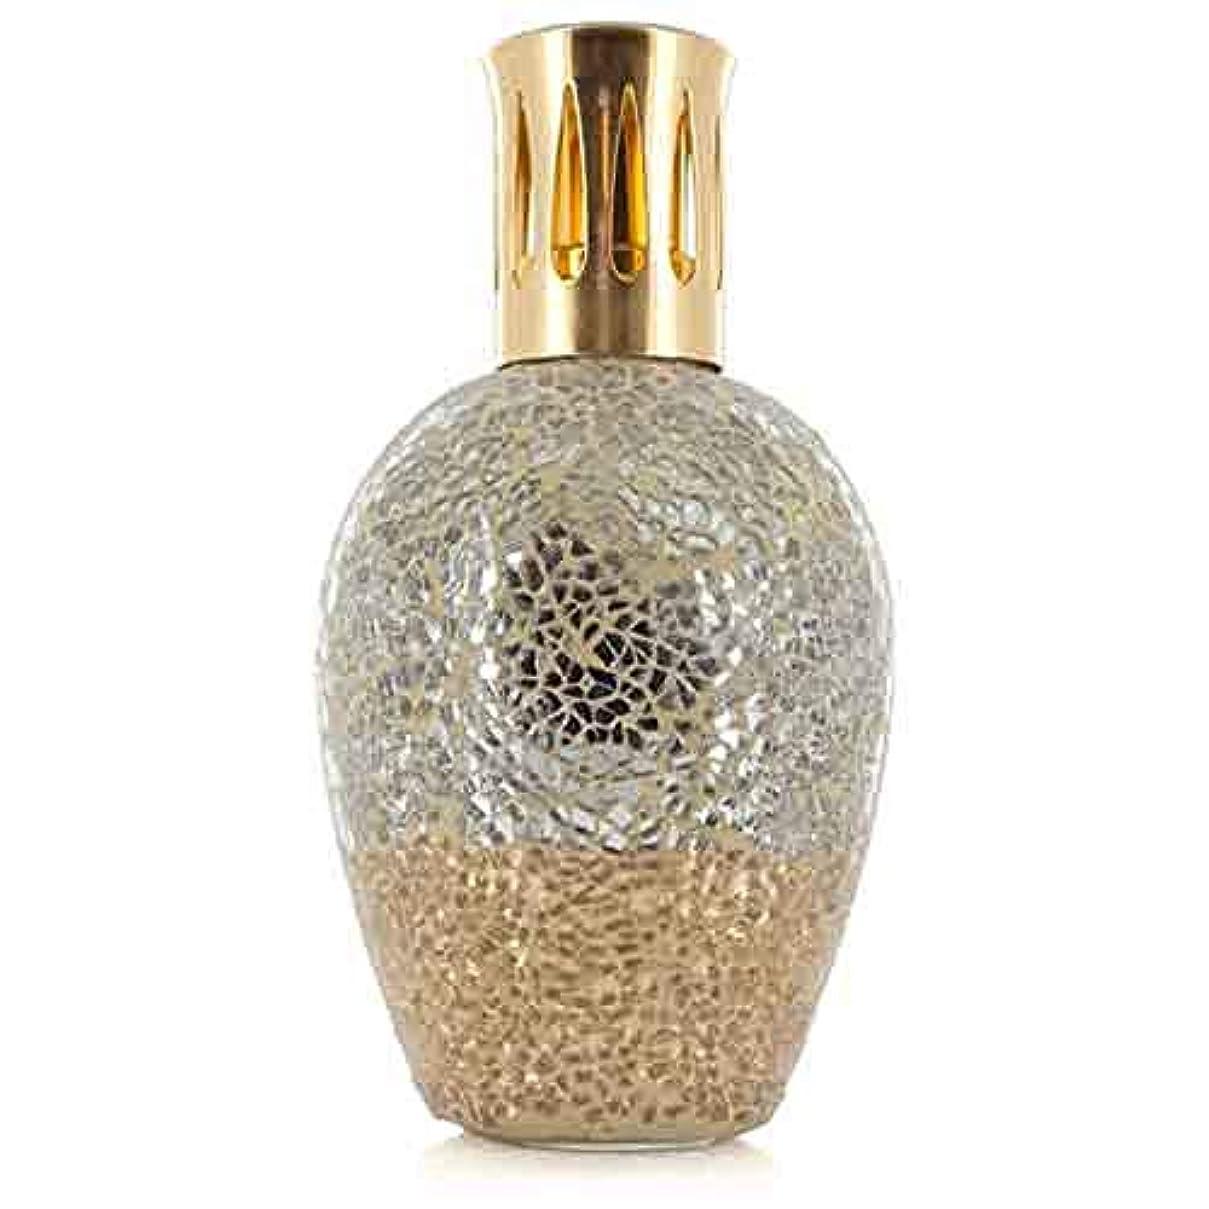 弾性球状ゼロAshleigh&Burwood フレグランスランプ L ウィンターパレス FragranceLamps sizeL WinterPalace アシュレイ&バーウッド